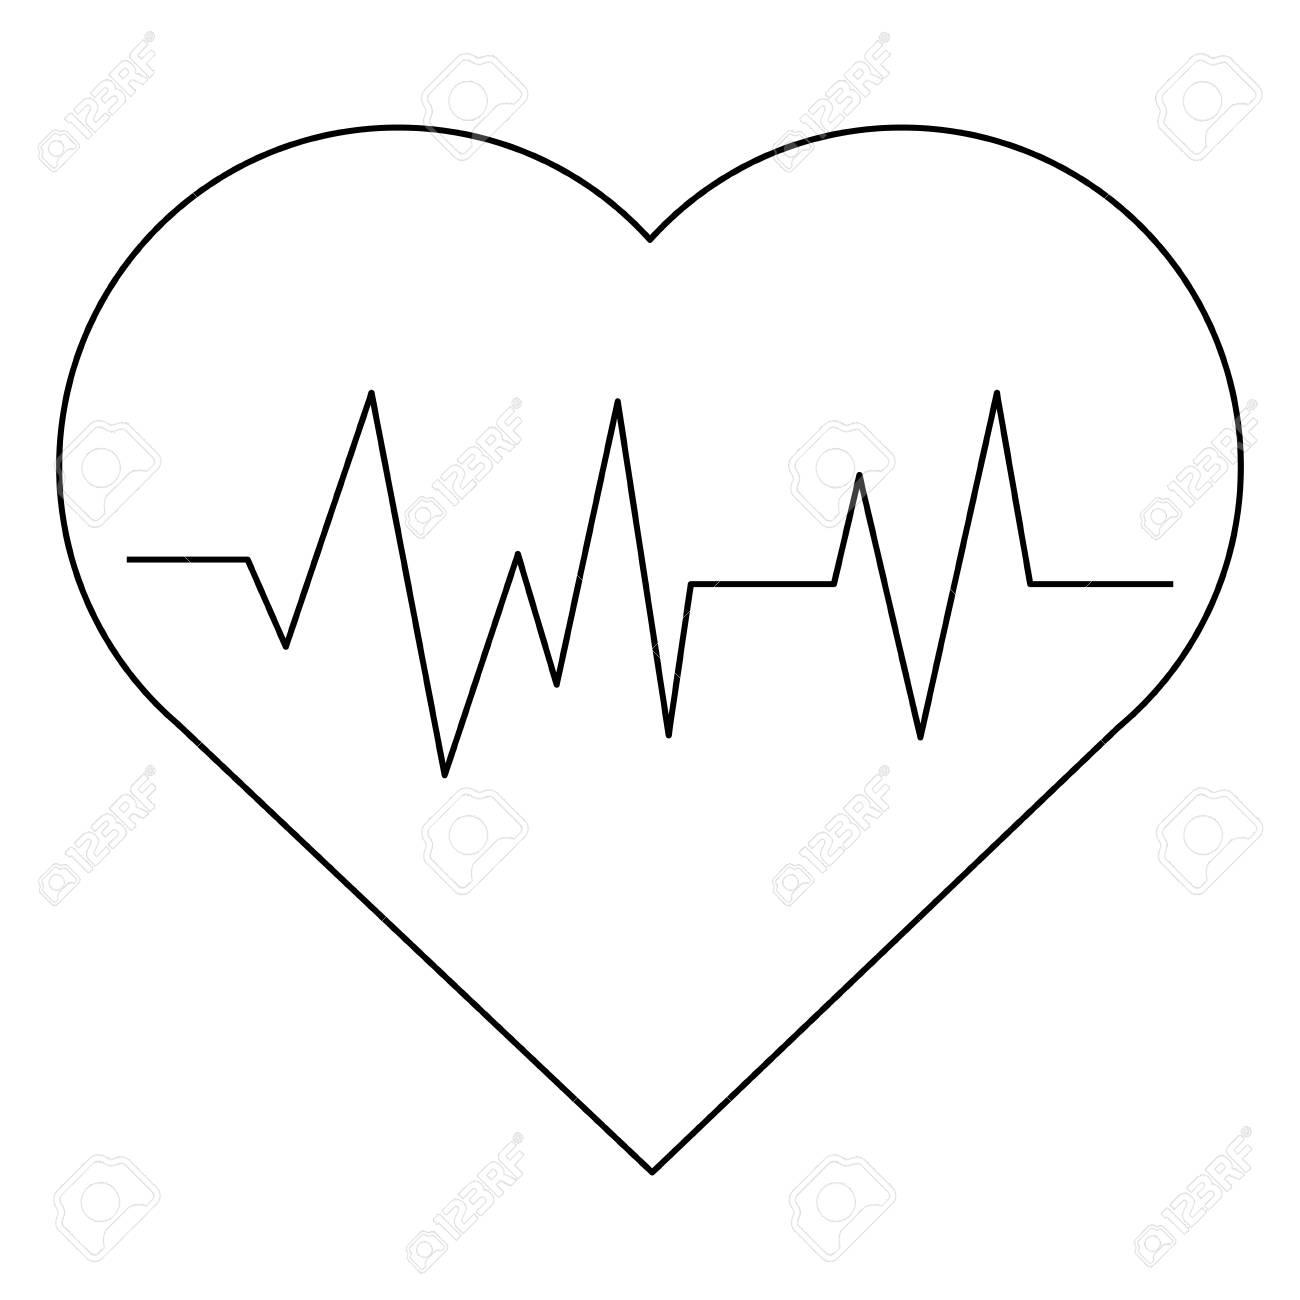 Coeur De Dessin Animé Simple Ligne Noire Avec Ligne D Impulsion à L Intérieur De L Illustration Vectorielle